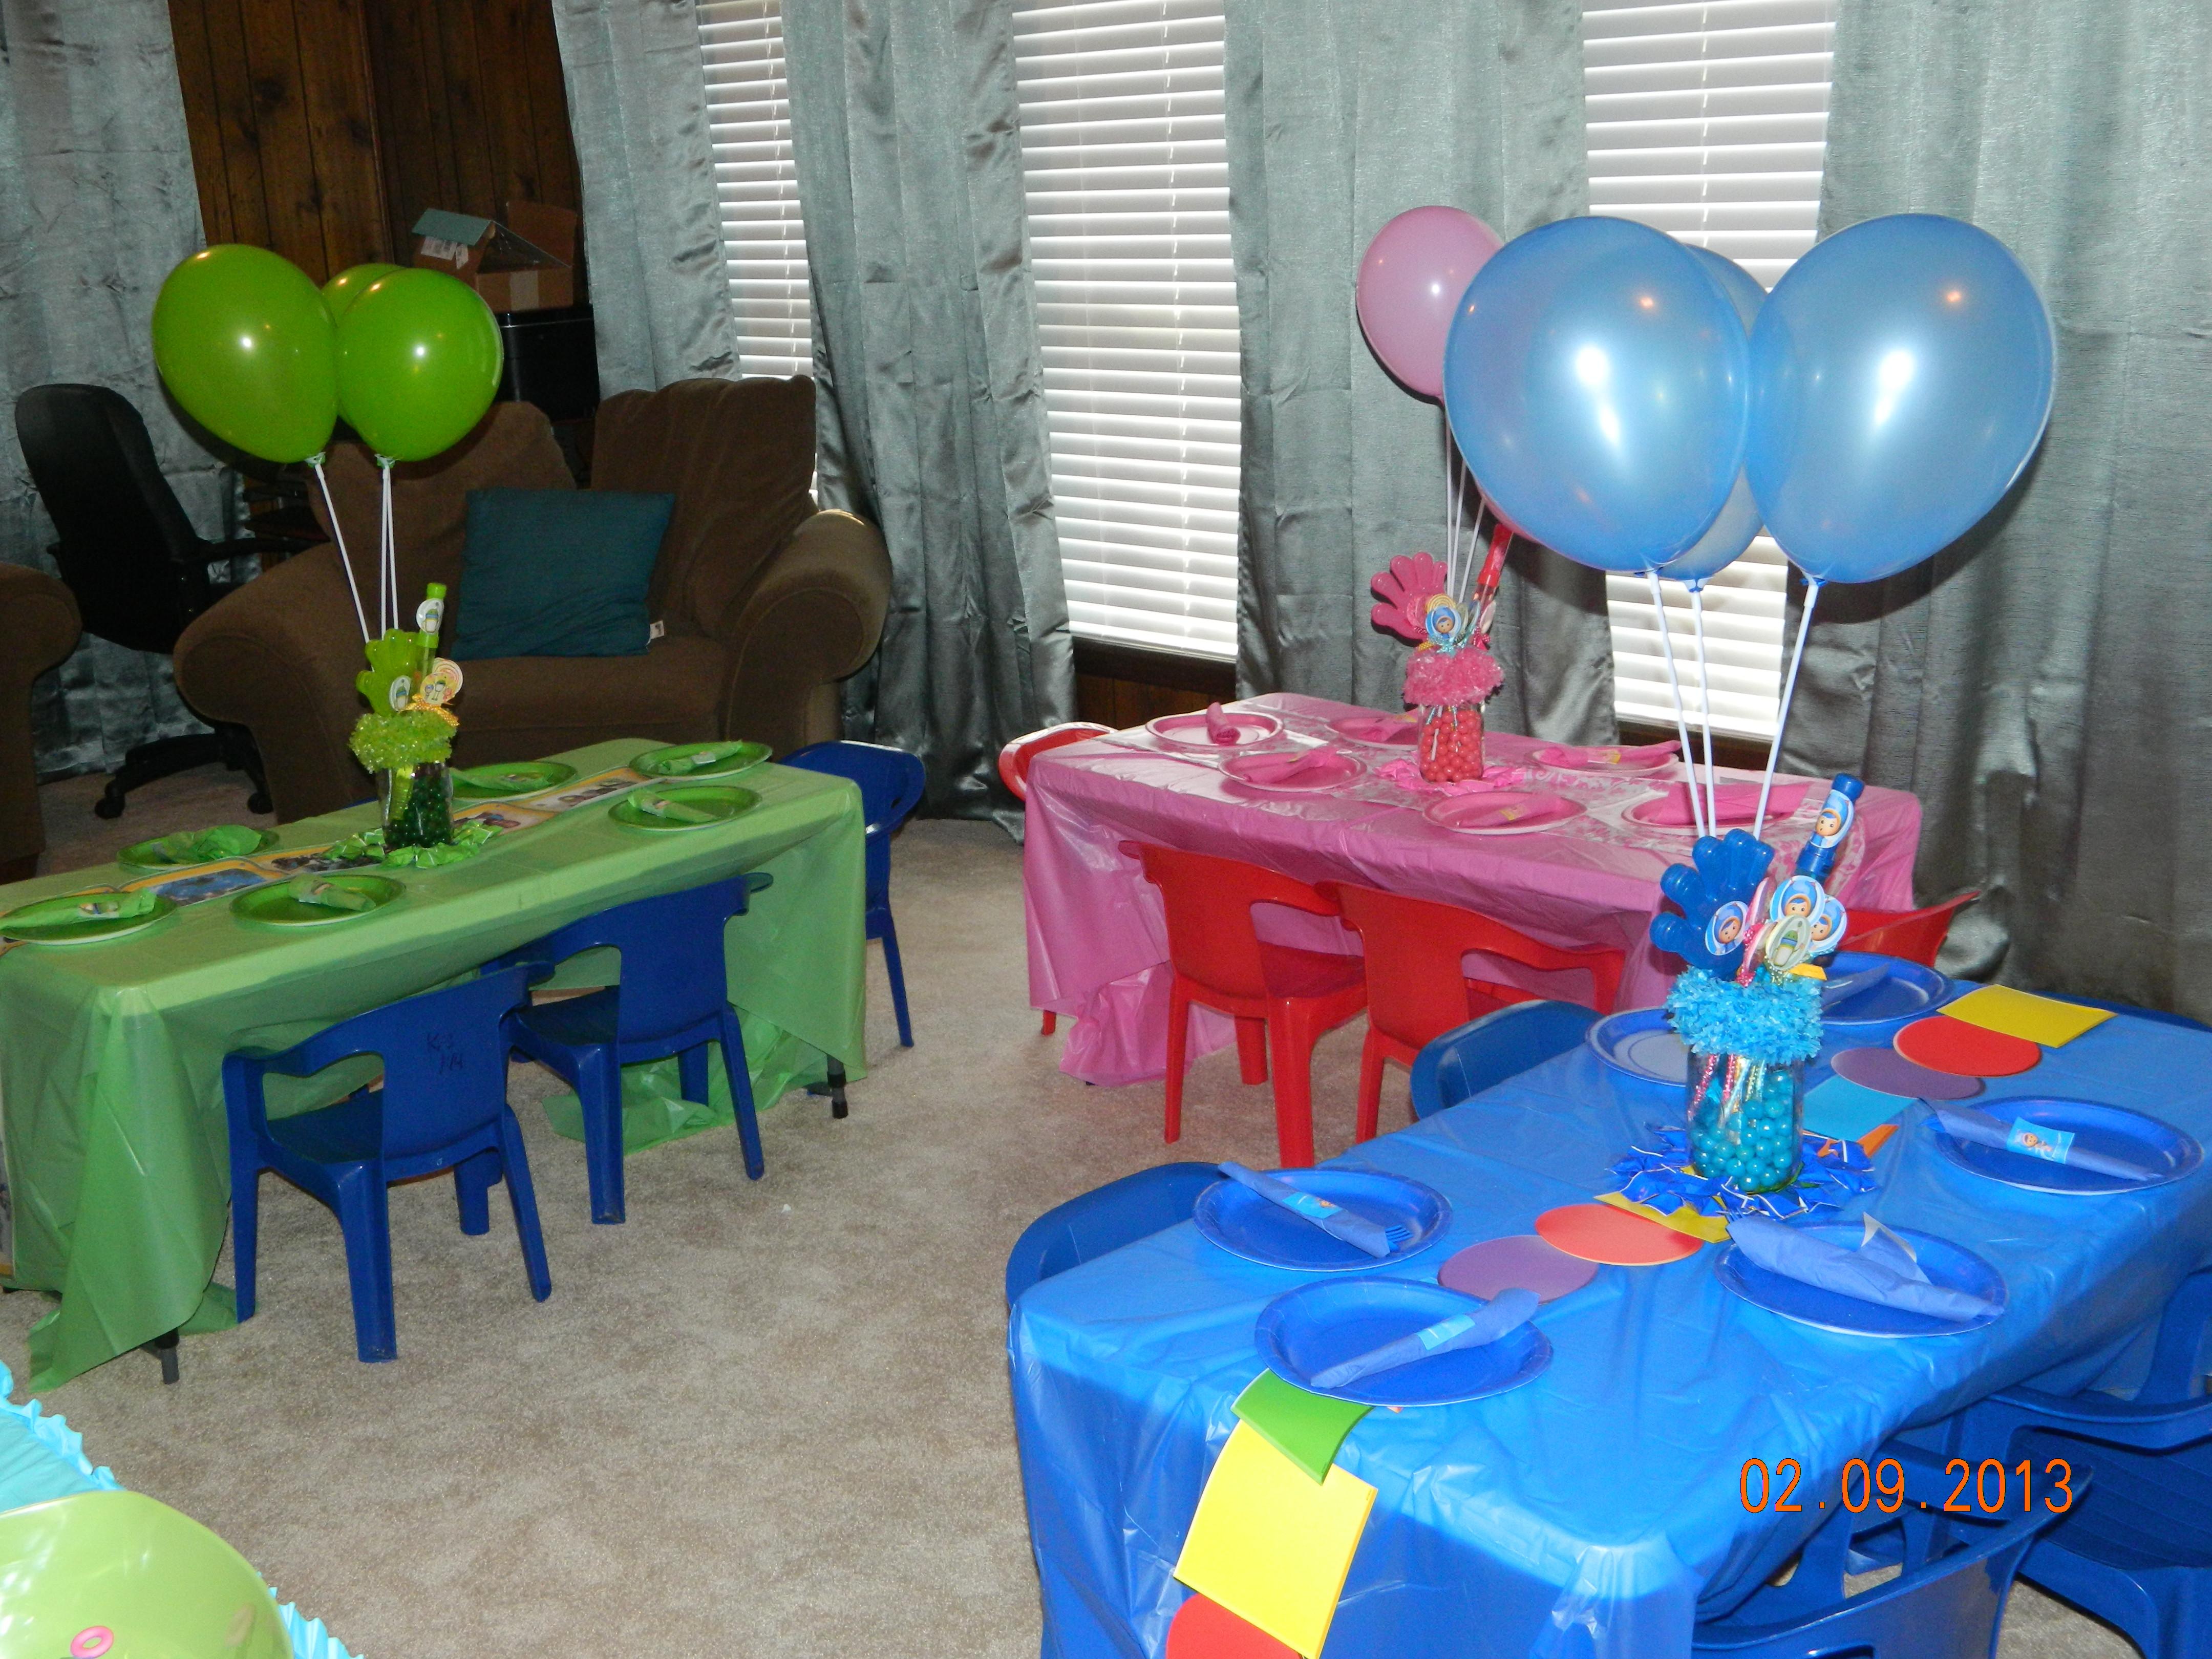 Team Umizoomi Birthday Party Ideas  Team Umizoomi Birthday Party